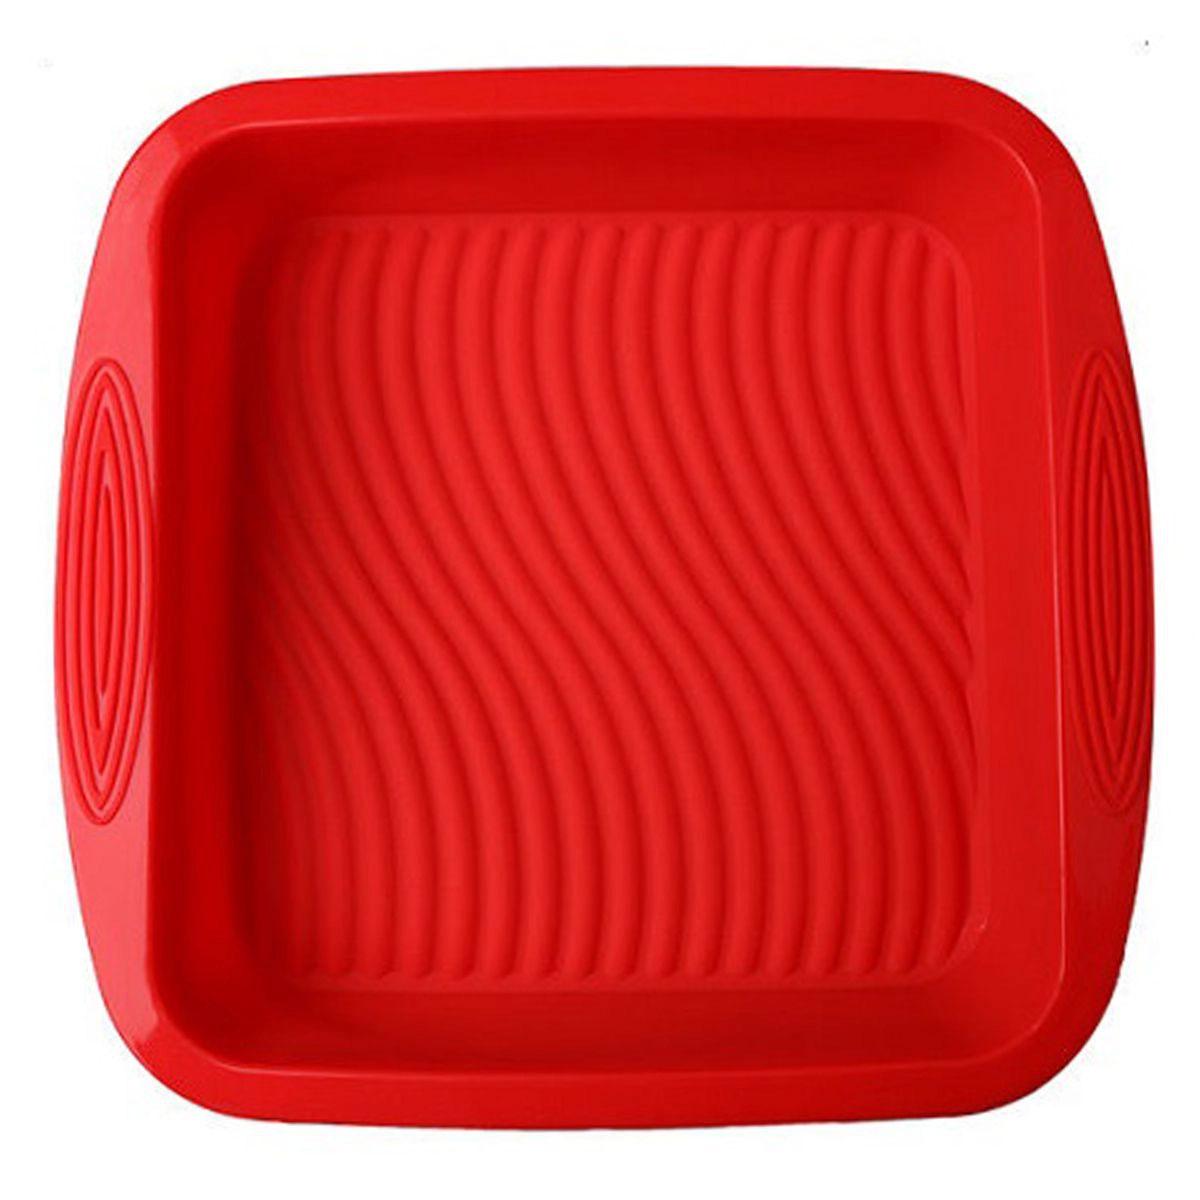 Kit 17 Peças, Utensílios De Silicone Para Cozinha + Formas De Silicone Para Bolo